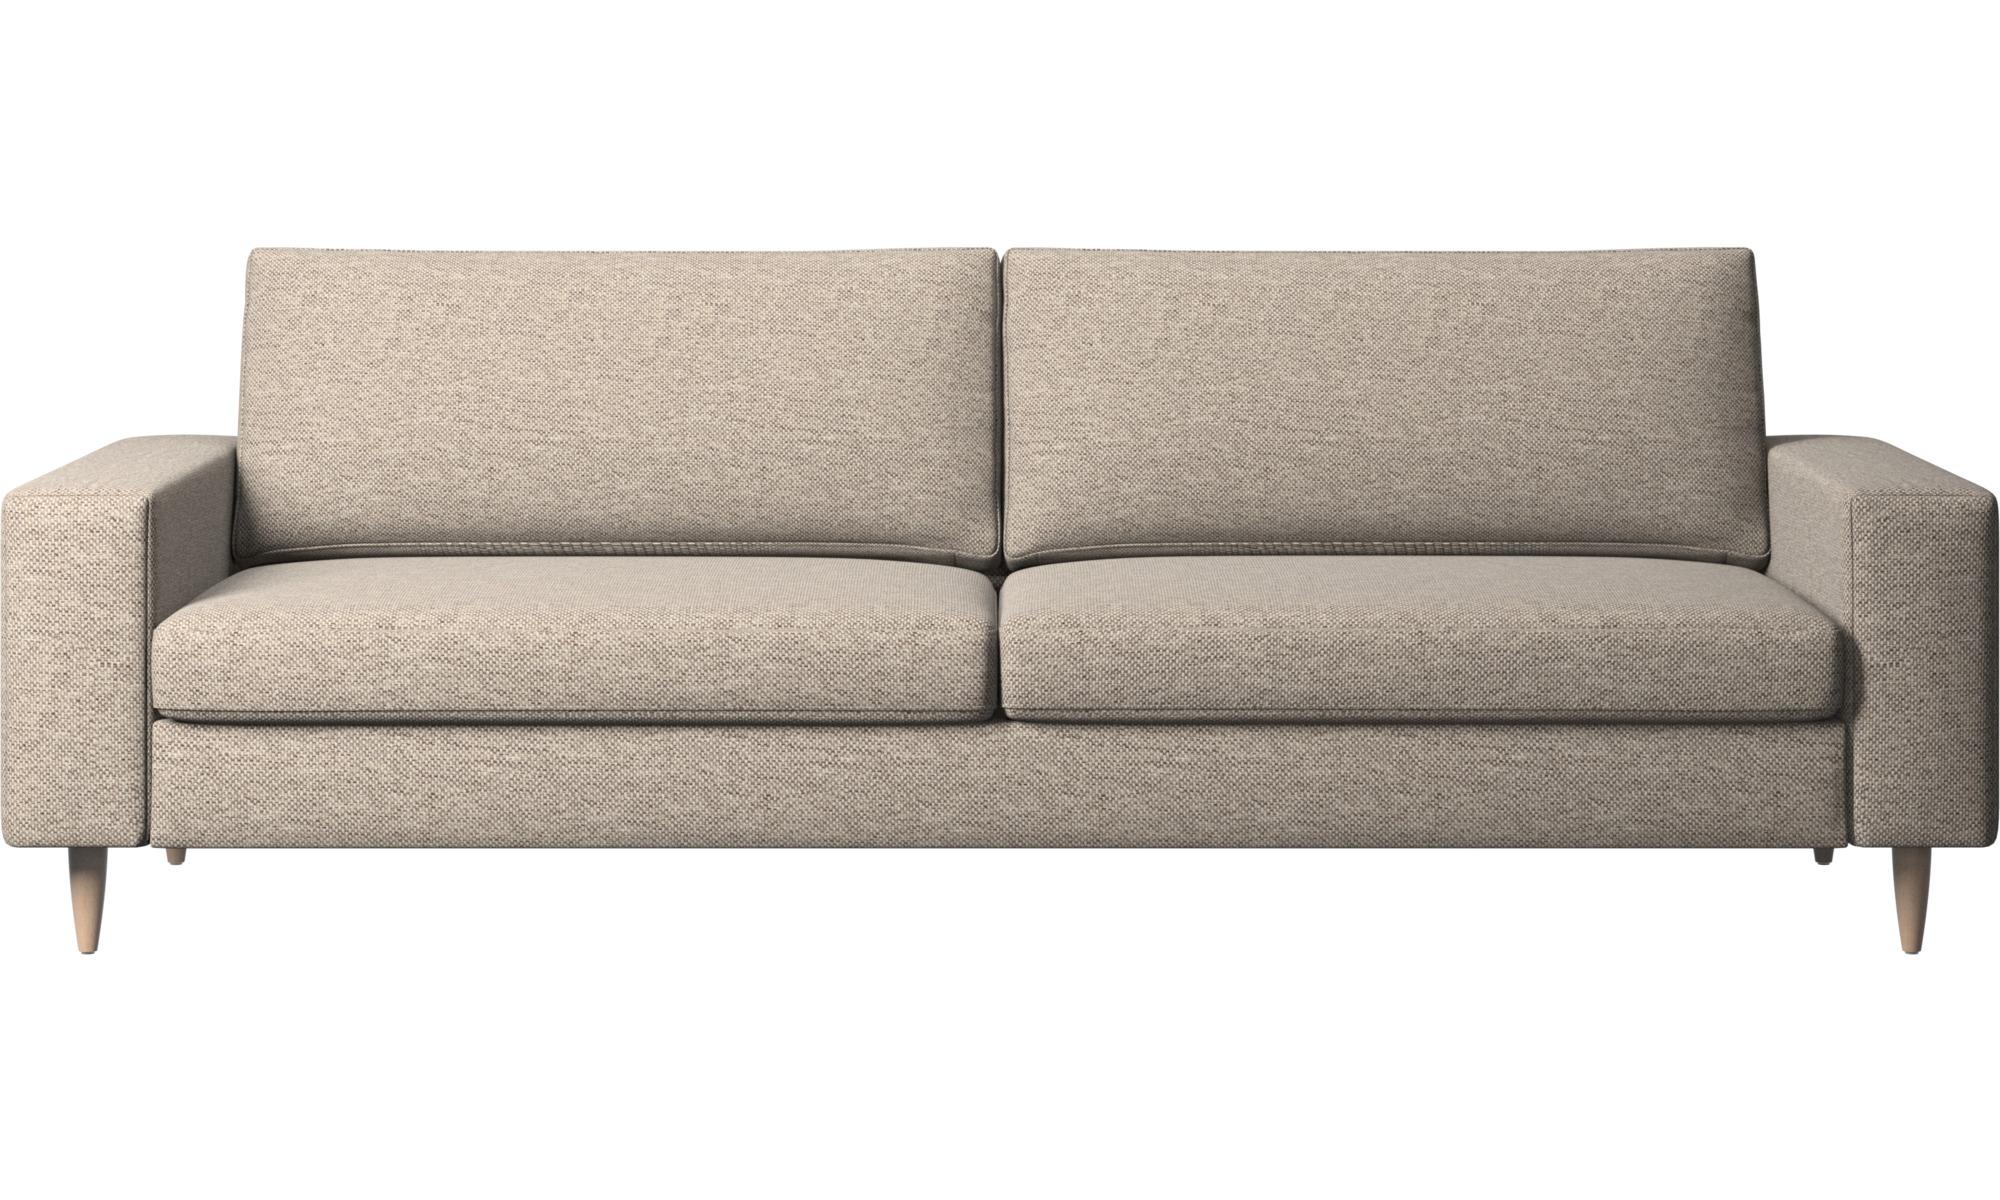 3-sitzer Sofas - Indivi Sofa - Beige - Stoff